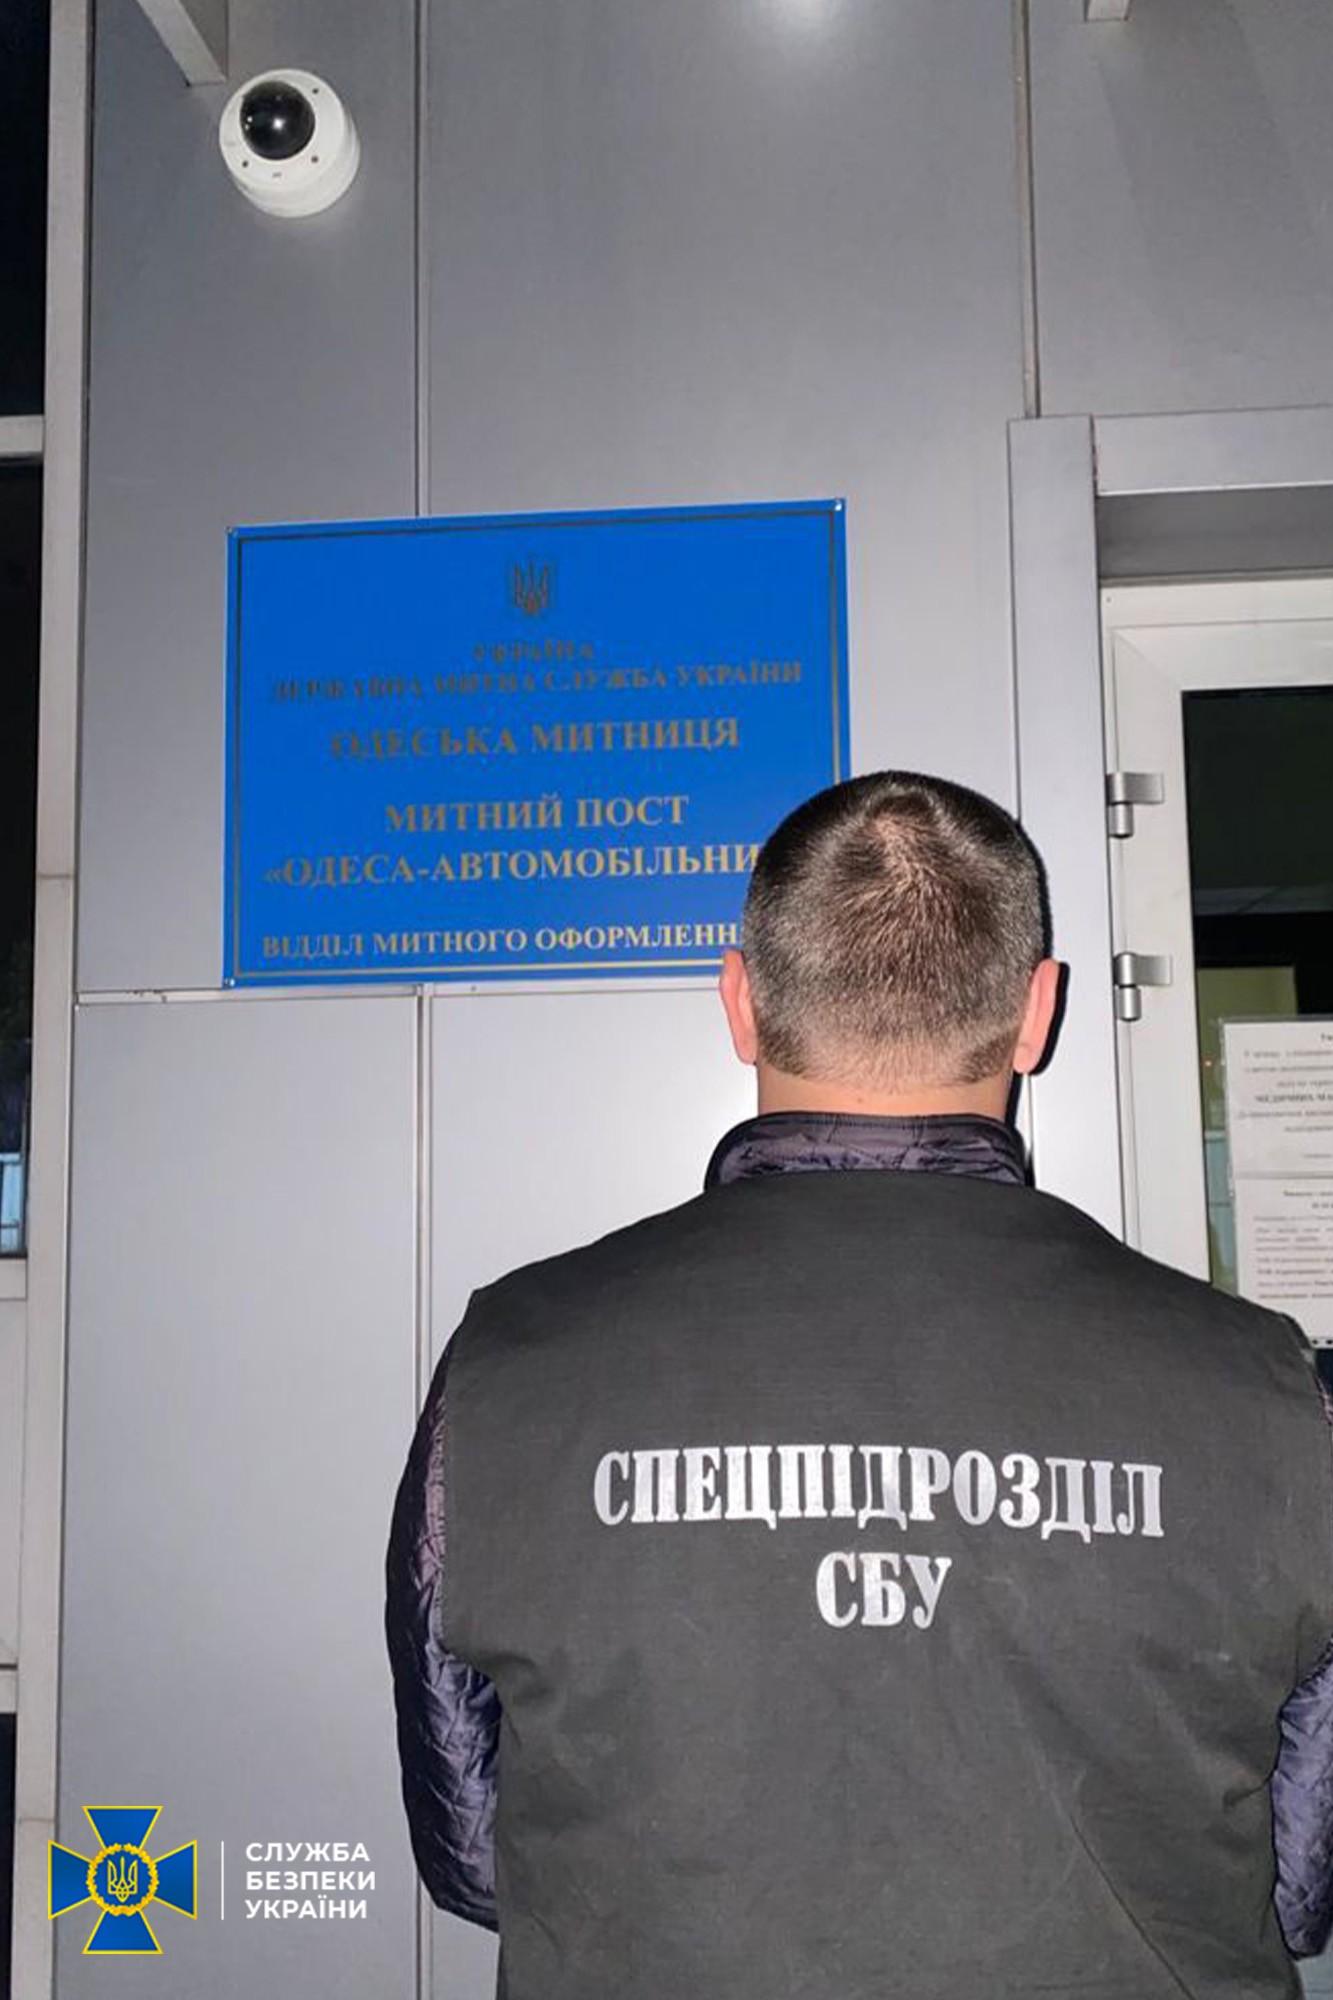 «Цена вопроса» - $ 50, растаможка - за 4 минуты: в Одесской области СБУ блокировала коррупционную схему, приносившую 200 тыс долларов в месяц